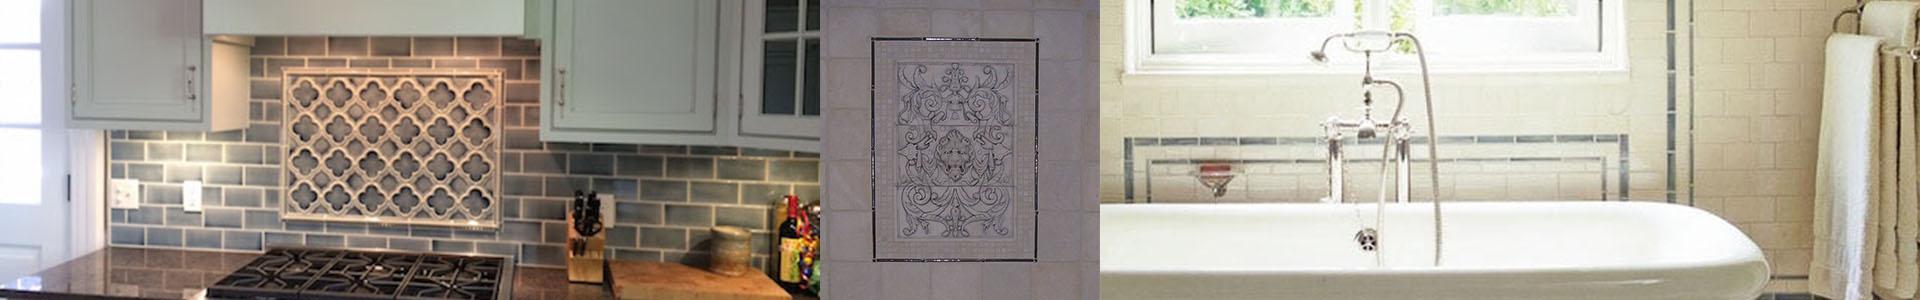 Raleigh S Premier Handmade Ceramic Tile